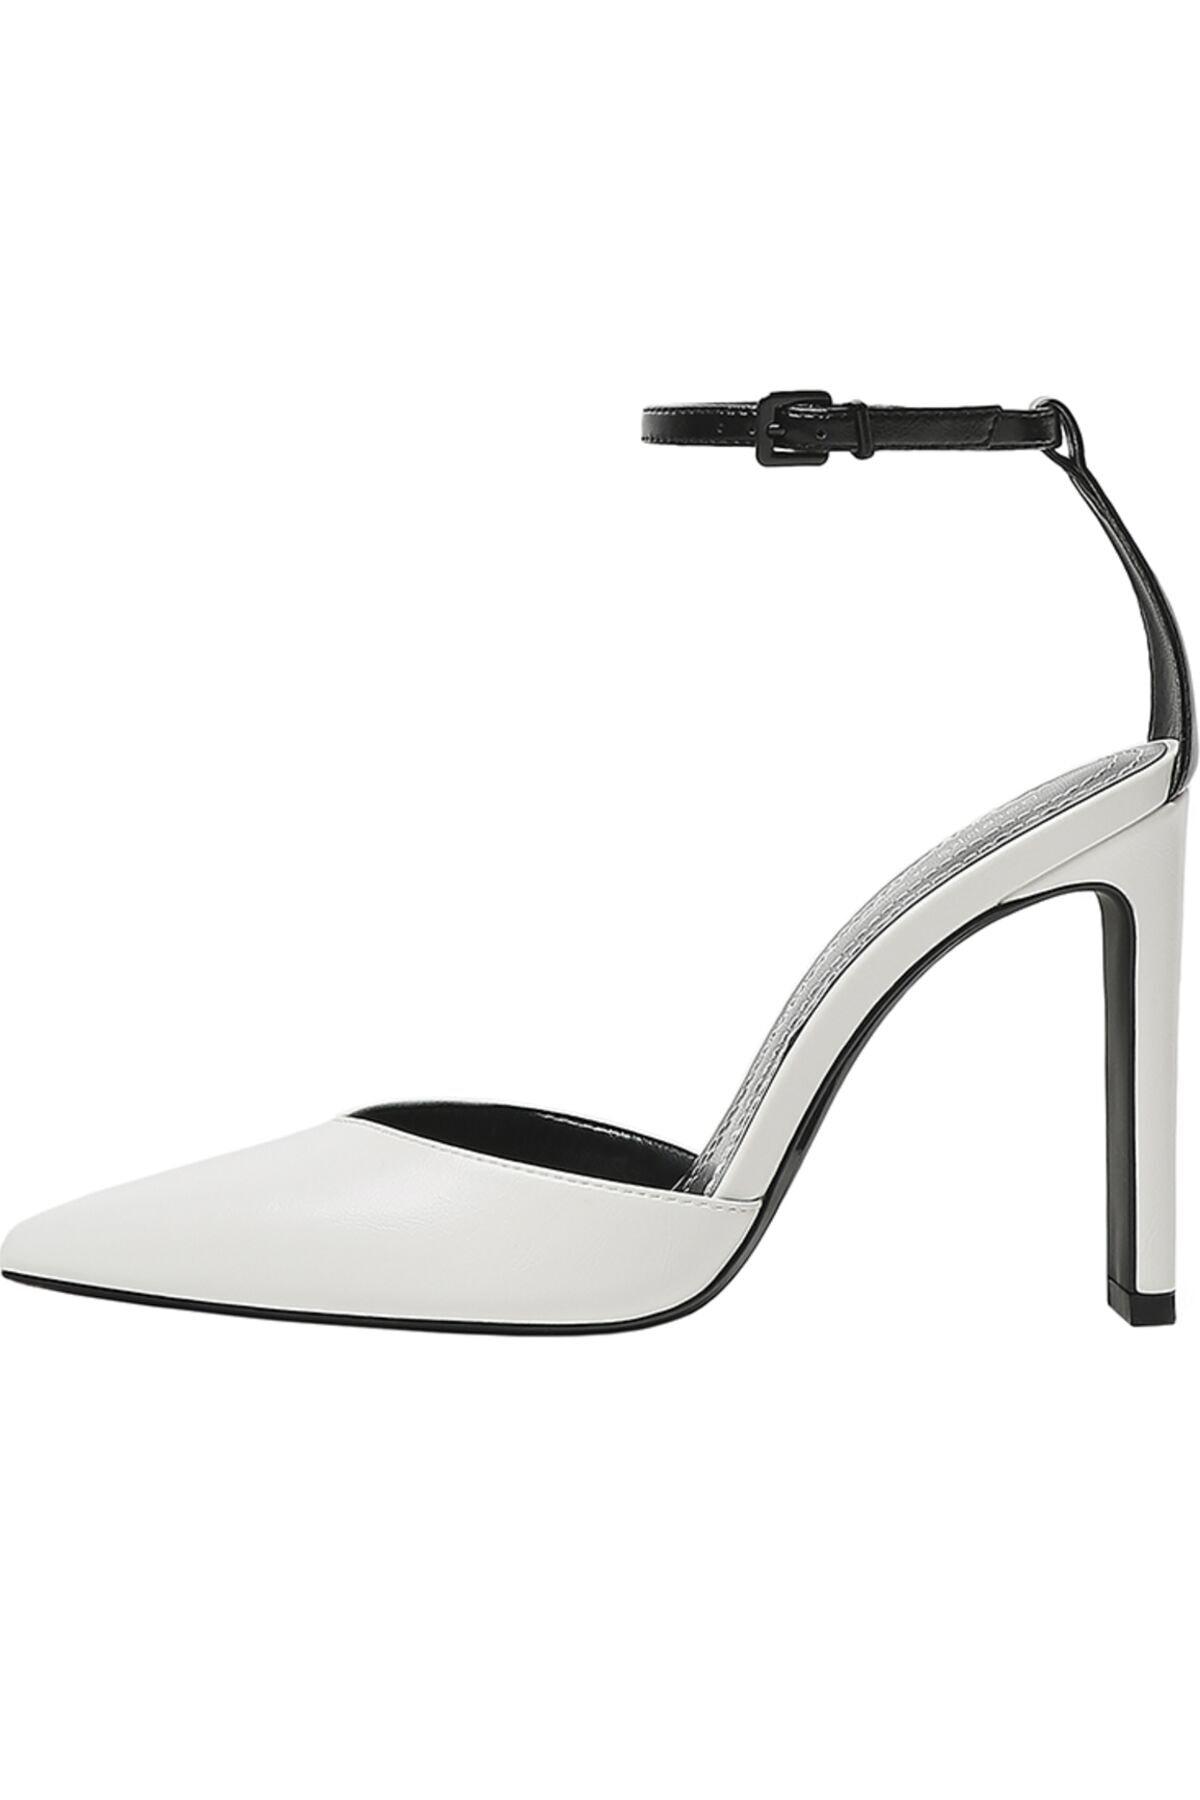 Bershka Kadın Beyaz Bilek Bantlı Topuklu Ayakkabı 11302760 1